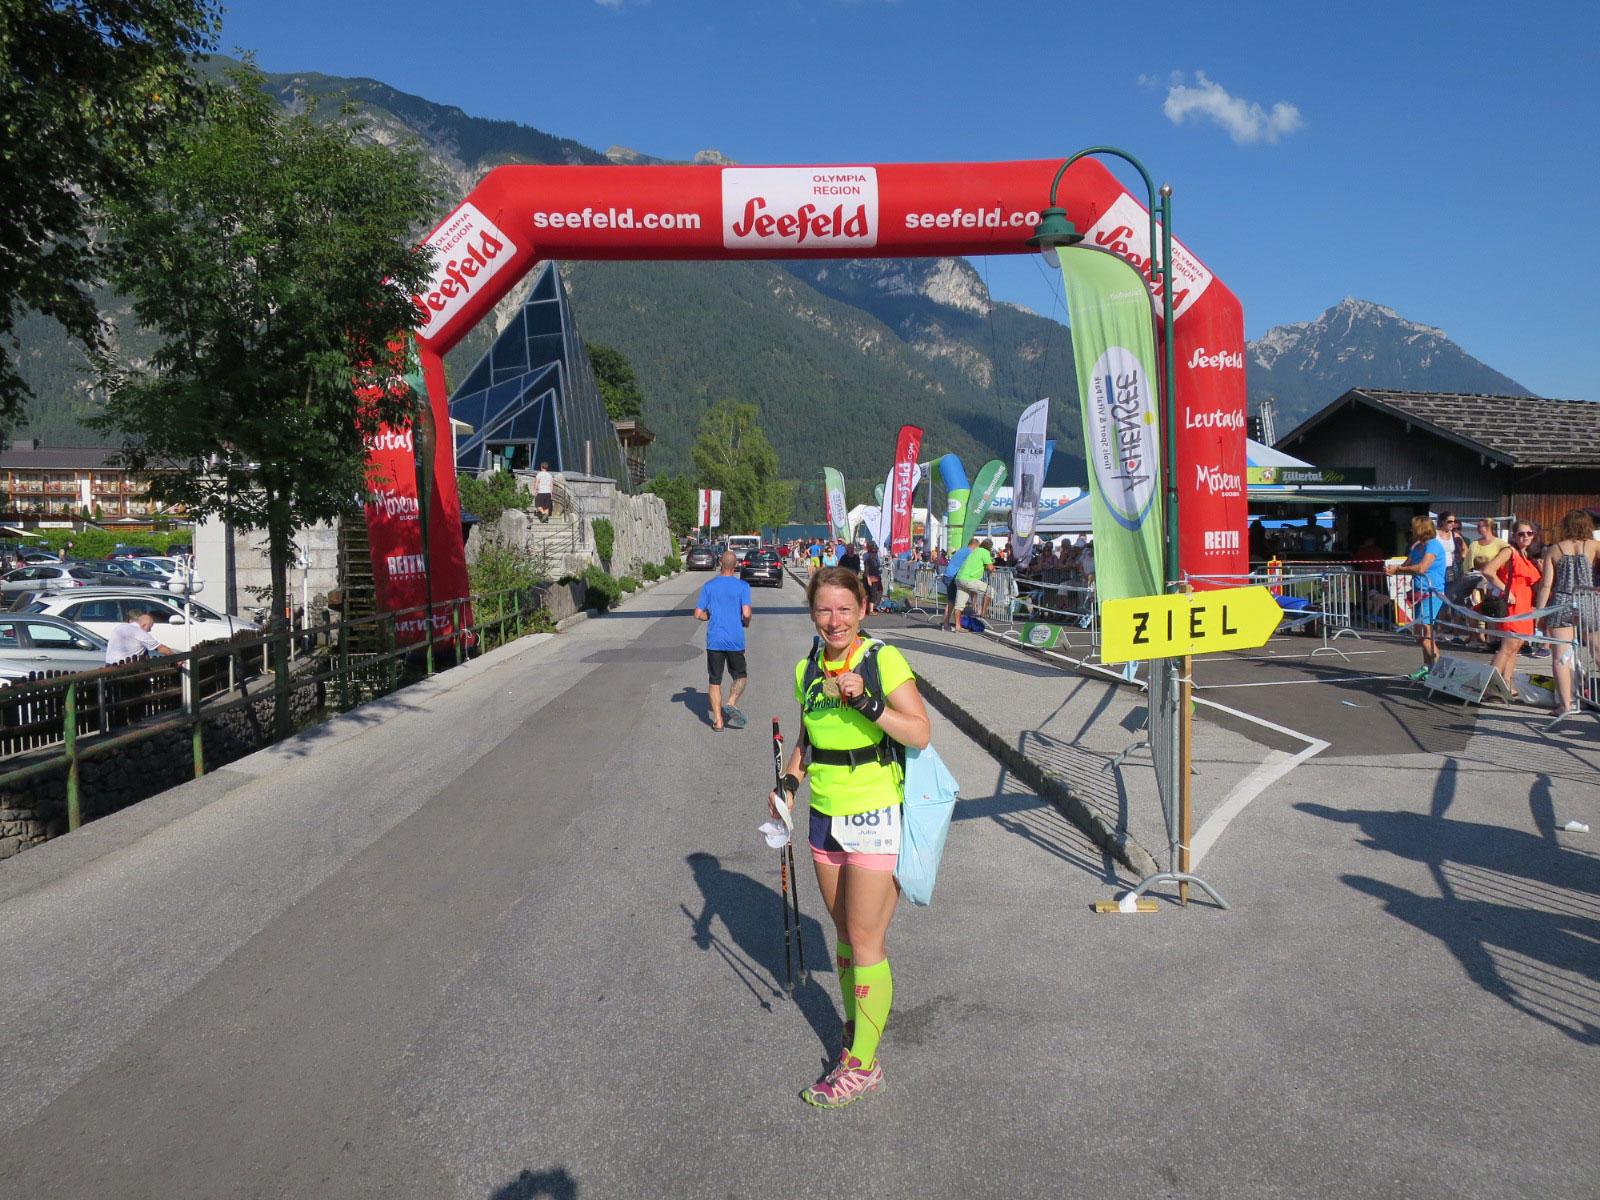 munichmountaingirls-bergblog-muenchen-julia-eisenhardt-Ziel-Karwendelmarsch